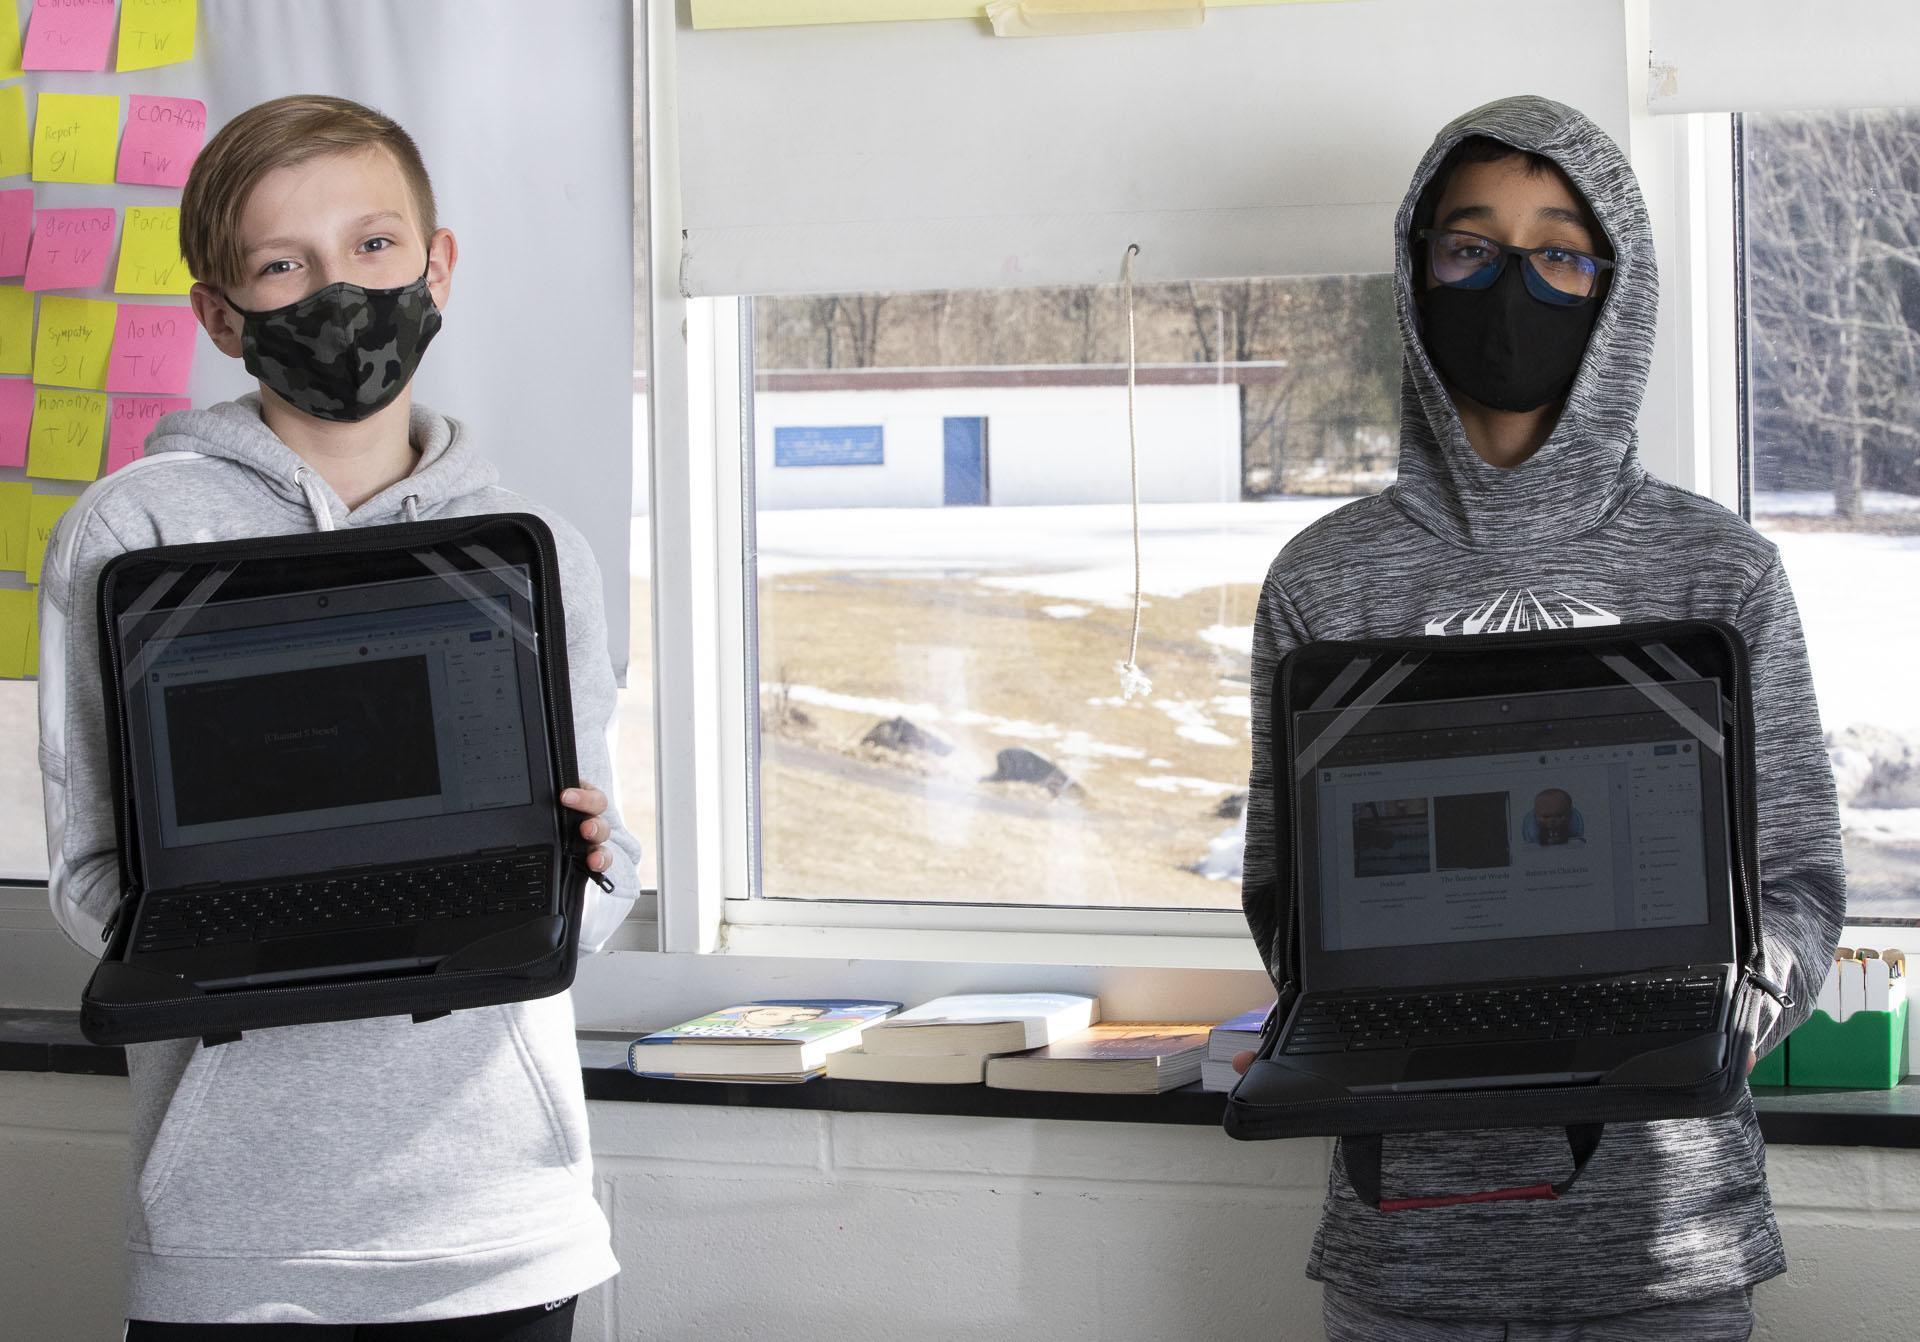 Boys watching laptops